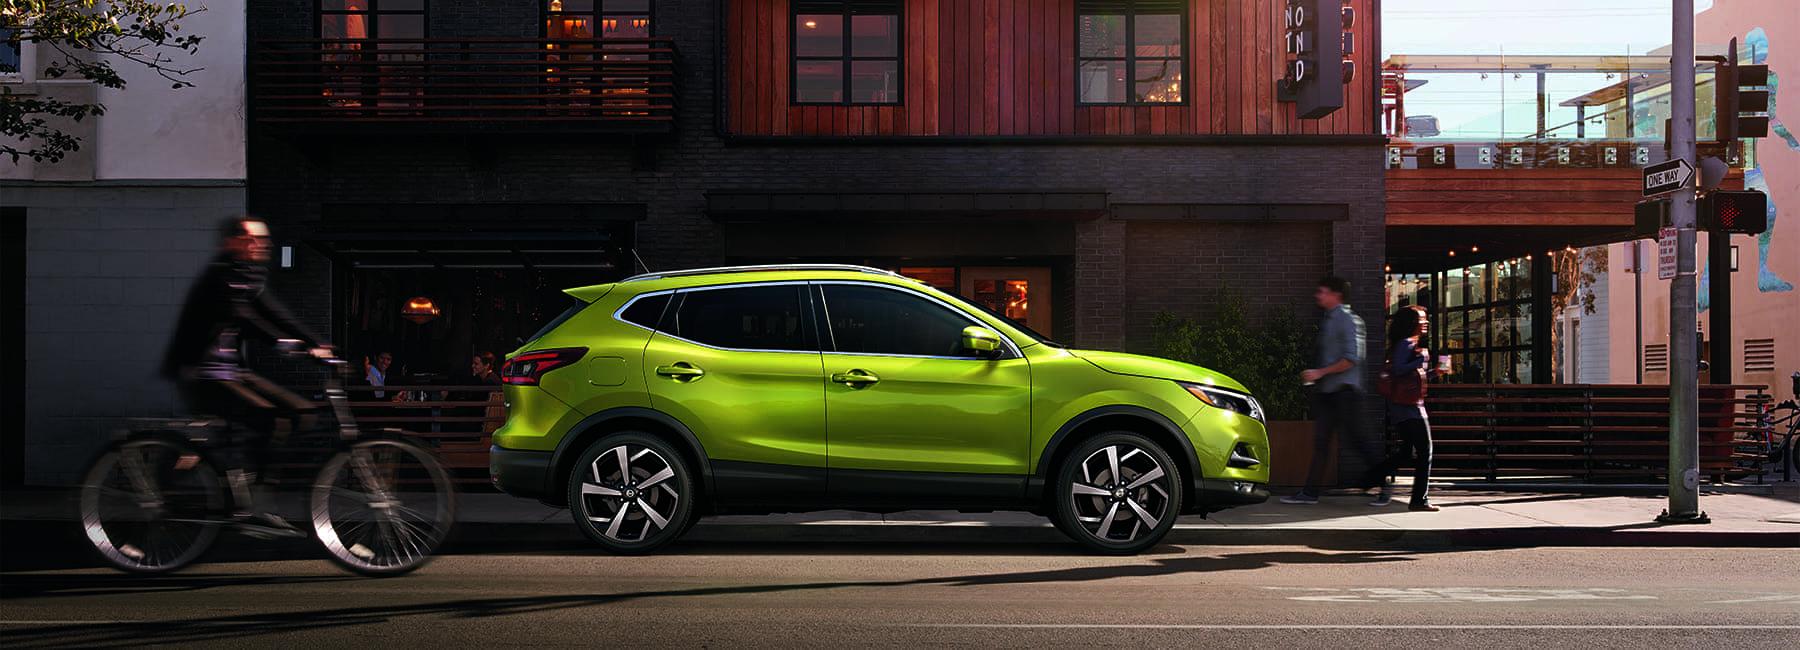 Green Nissan rogue sport parked